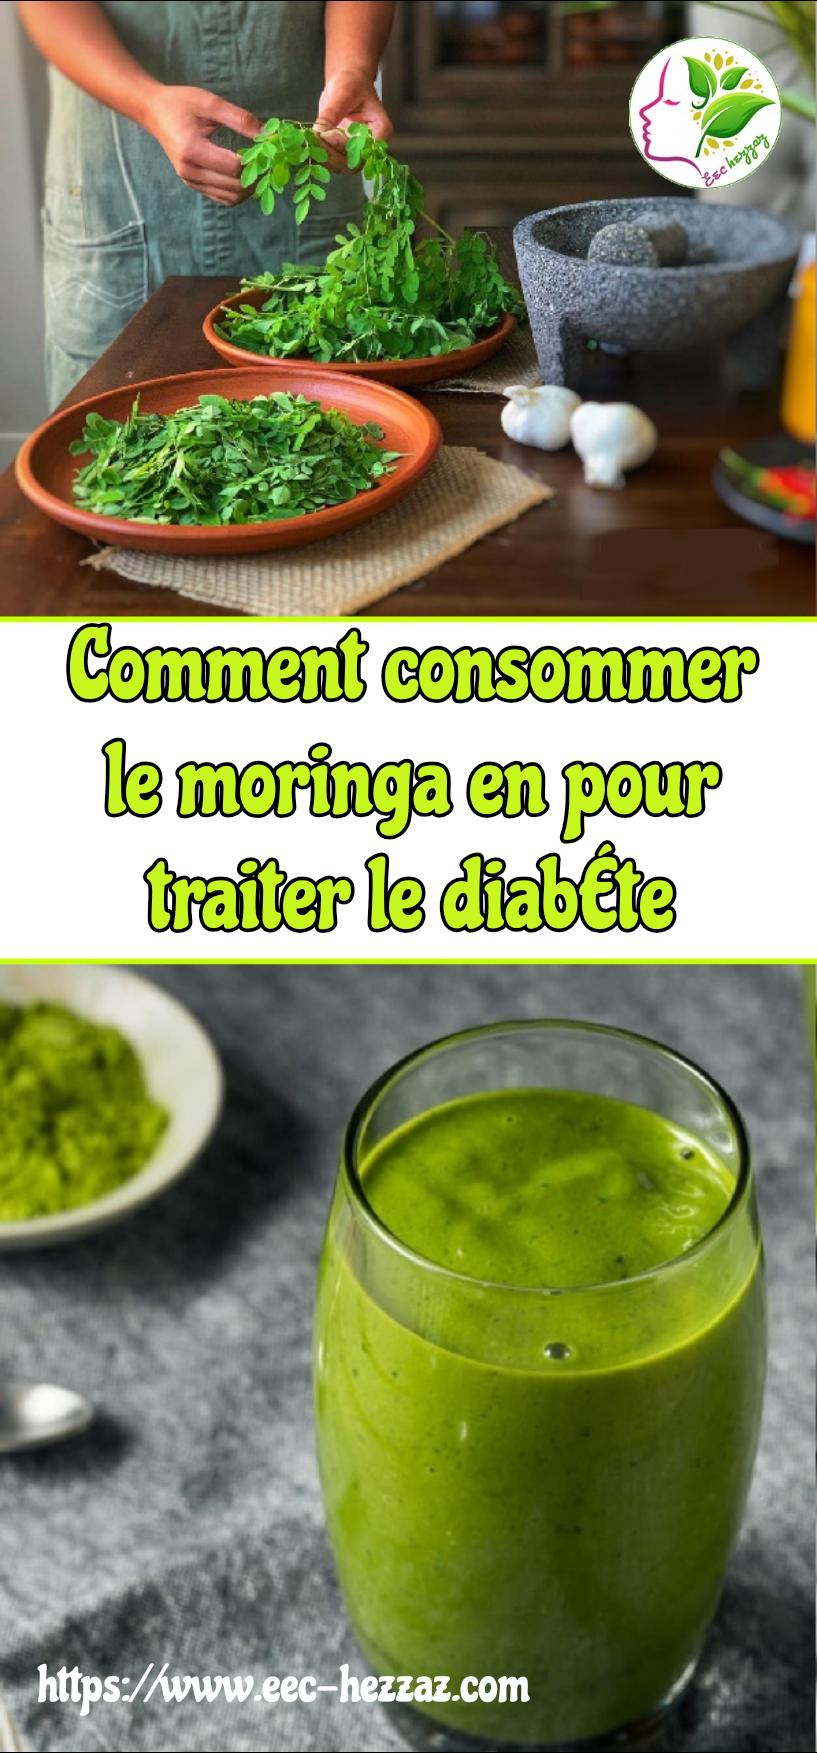 Comment consommer le moringa en pour traiter le diabète